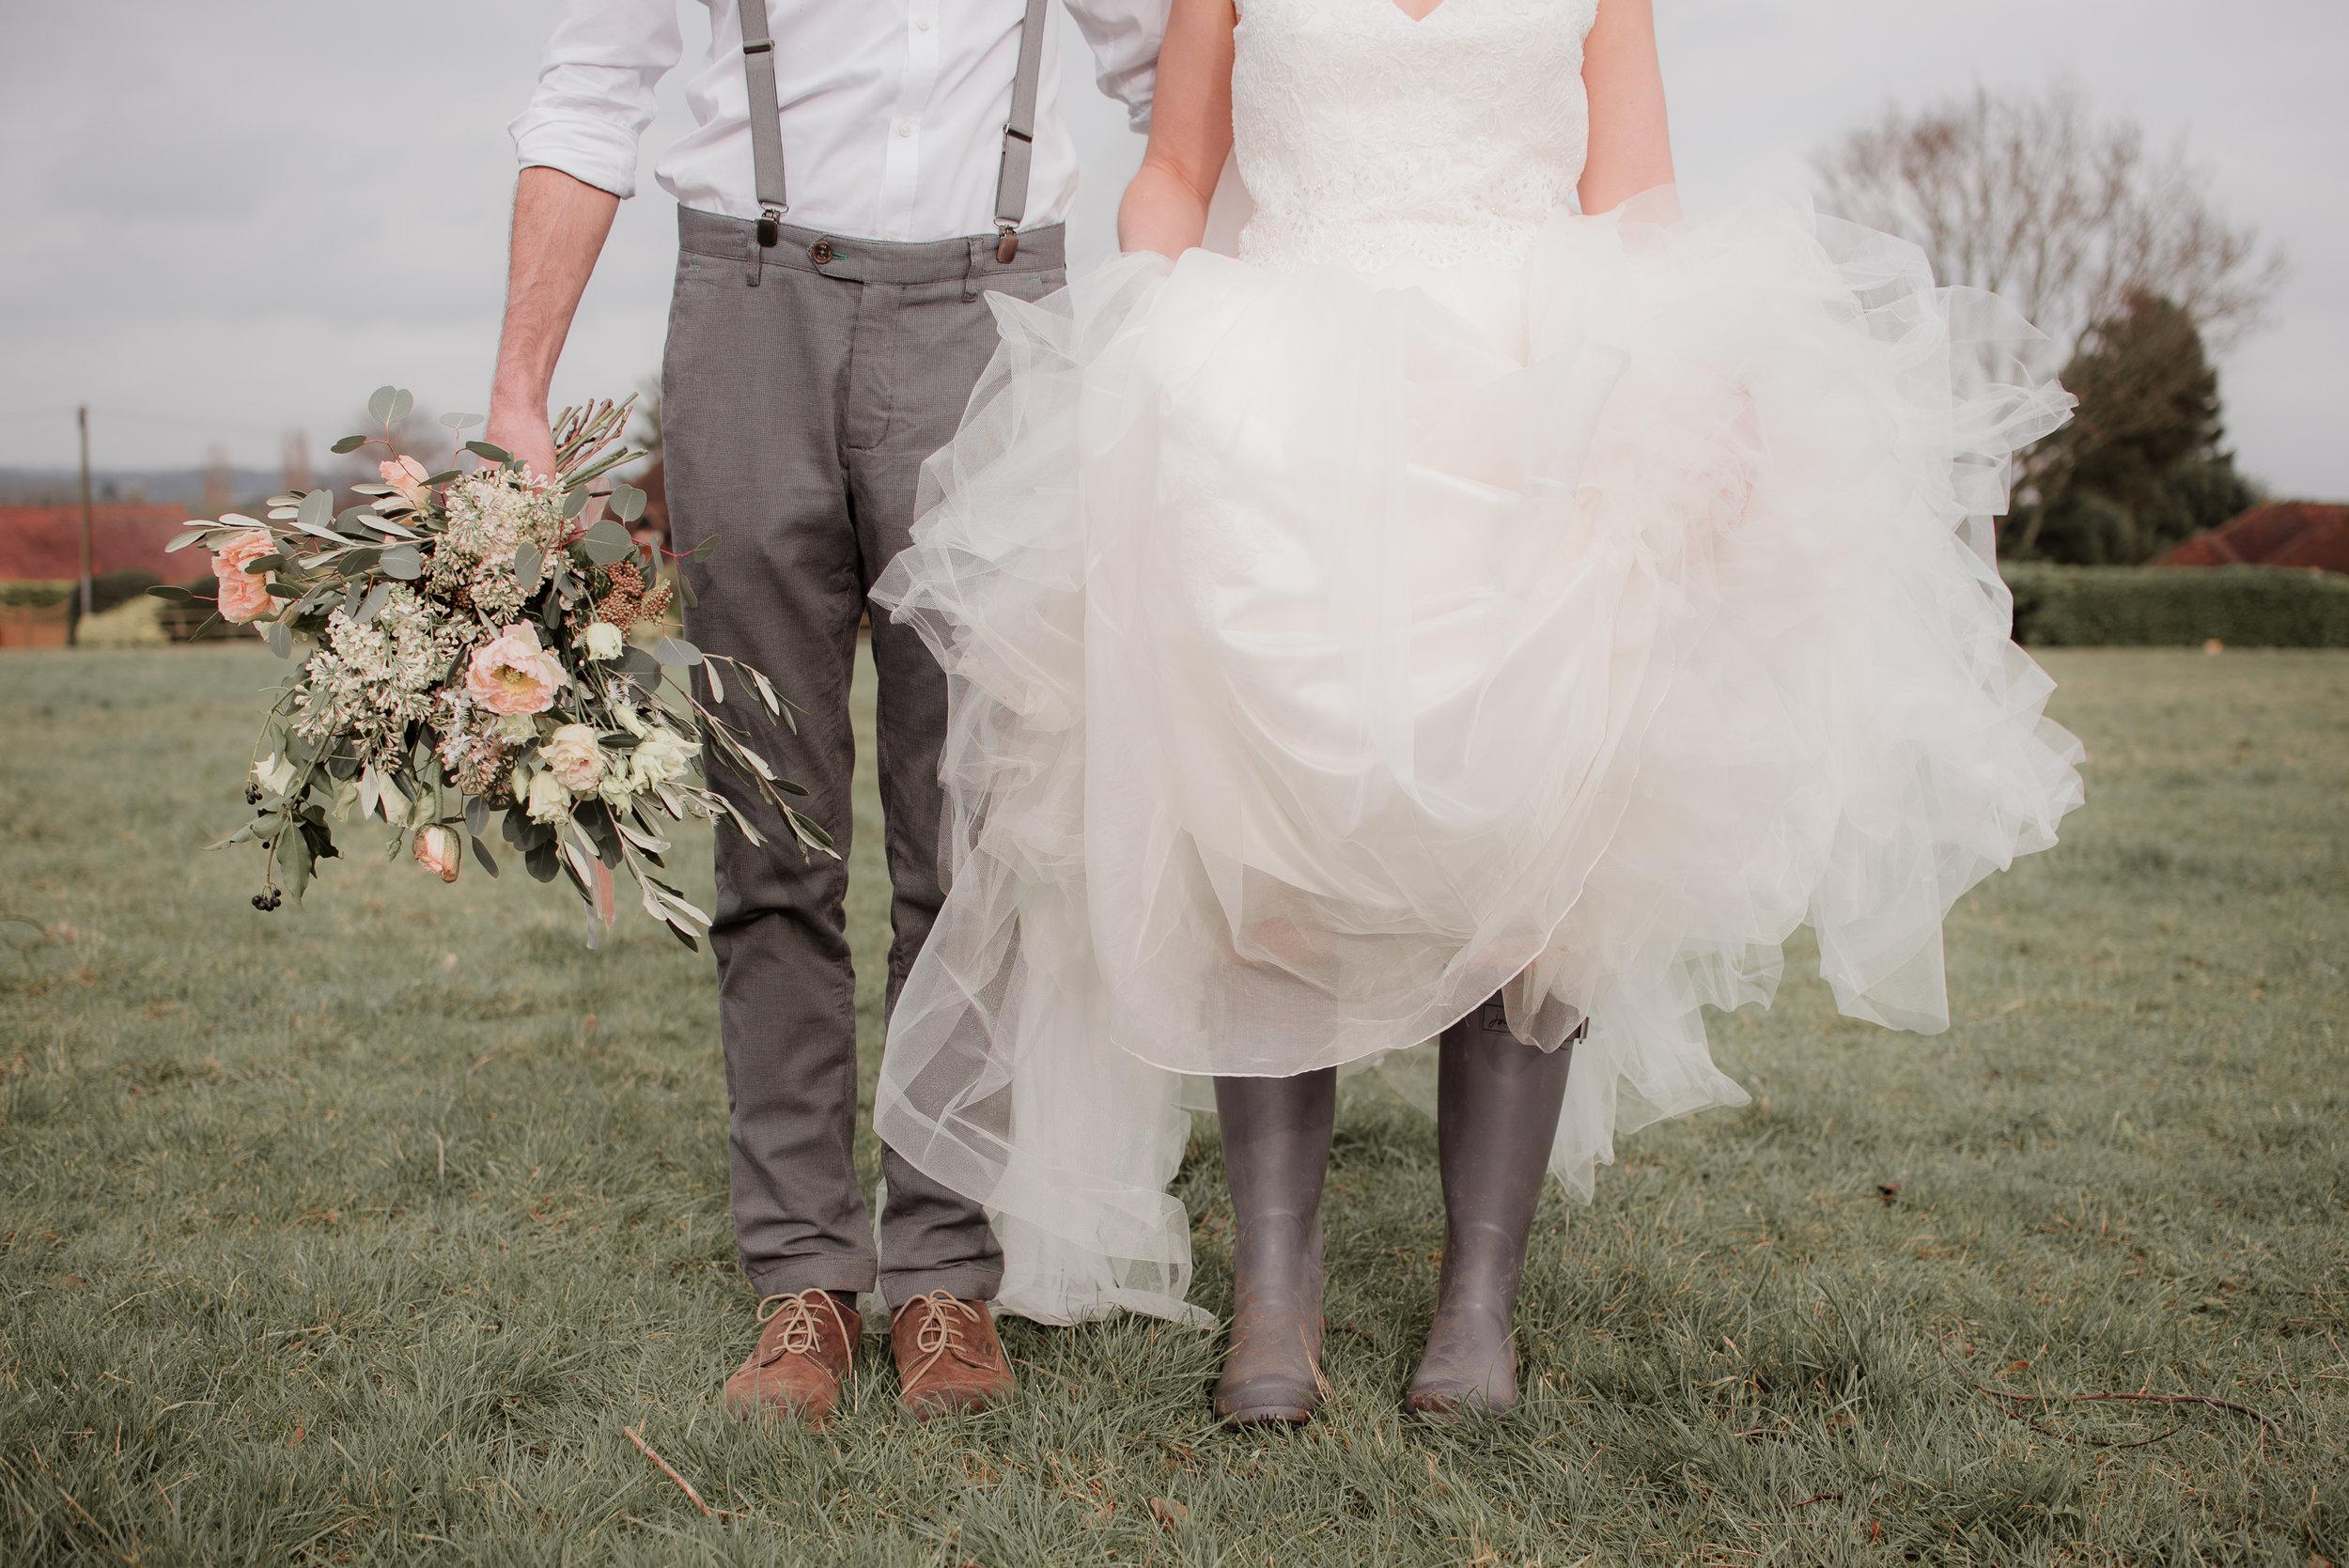 Outdoor Wedding Wellies